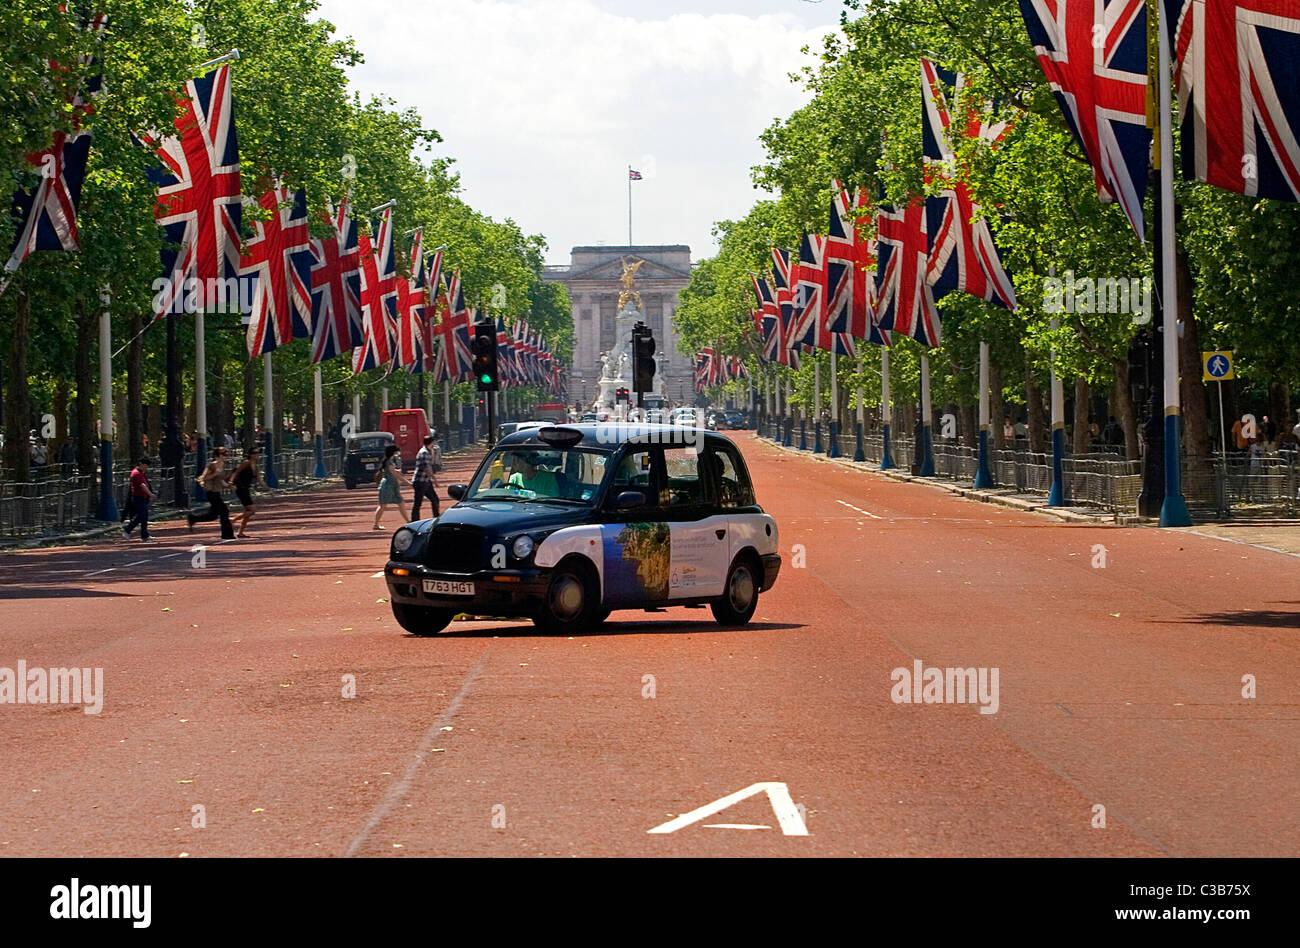 Un taxi transportant une publicité par les lecteurs de partout le long du Mall, Londres. Photo Stock